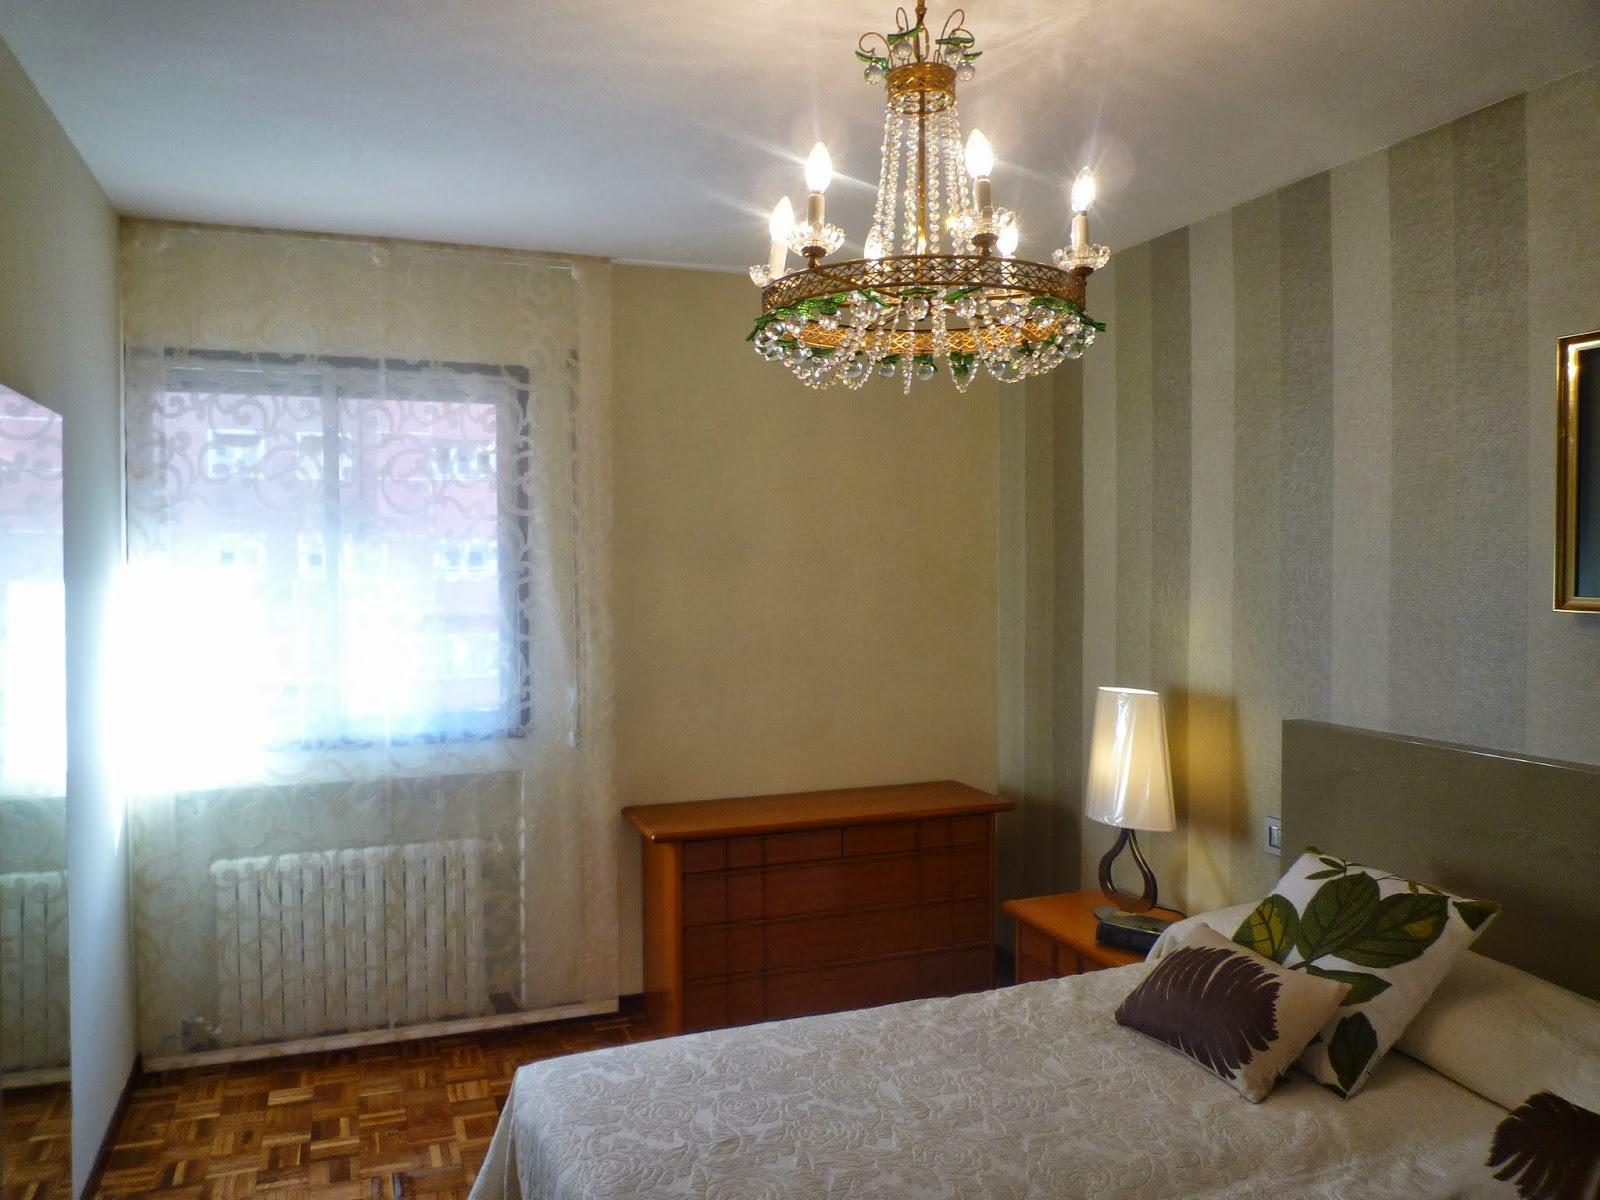 Estamos de pintores pinturas aljo empapelado - Dormitorios empapelados ...